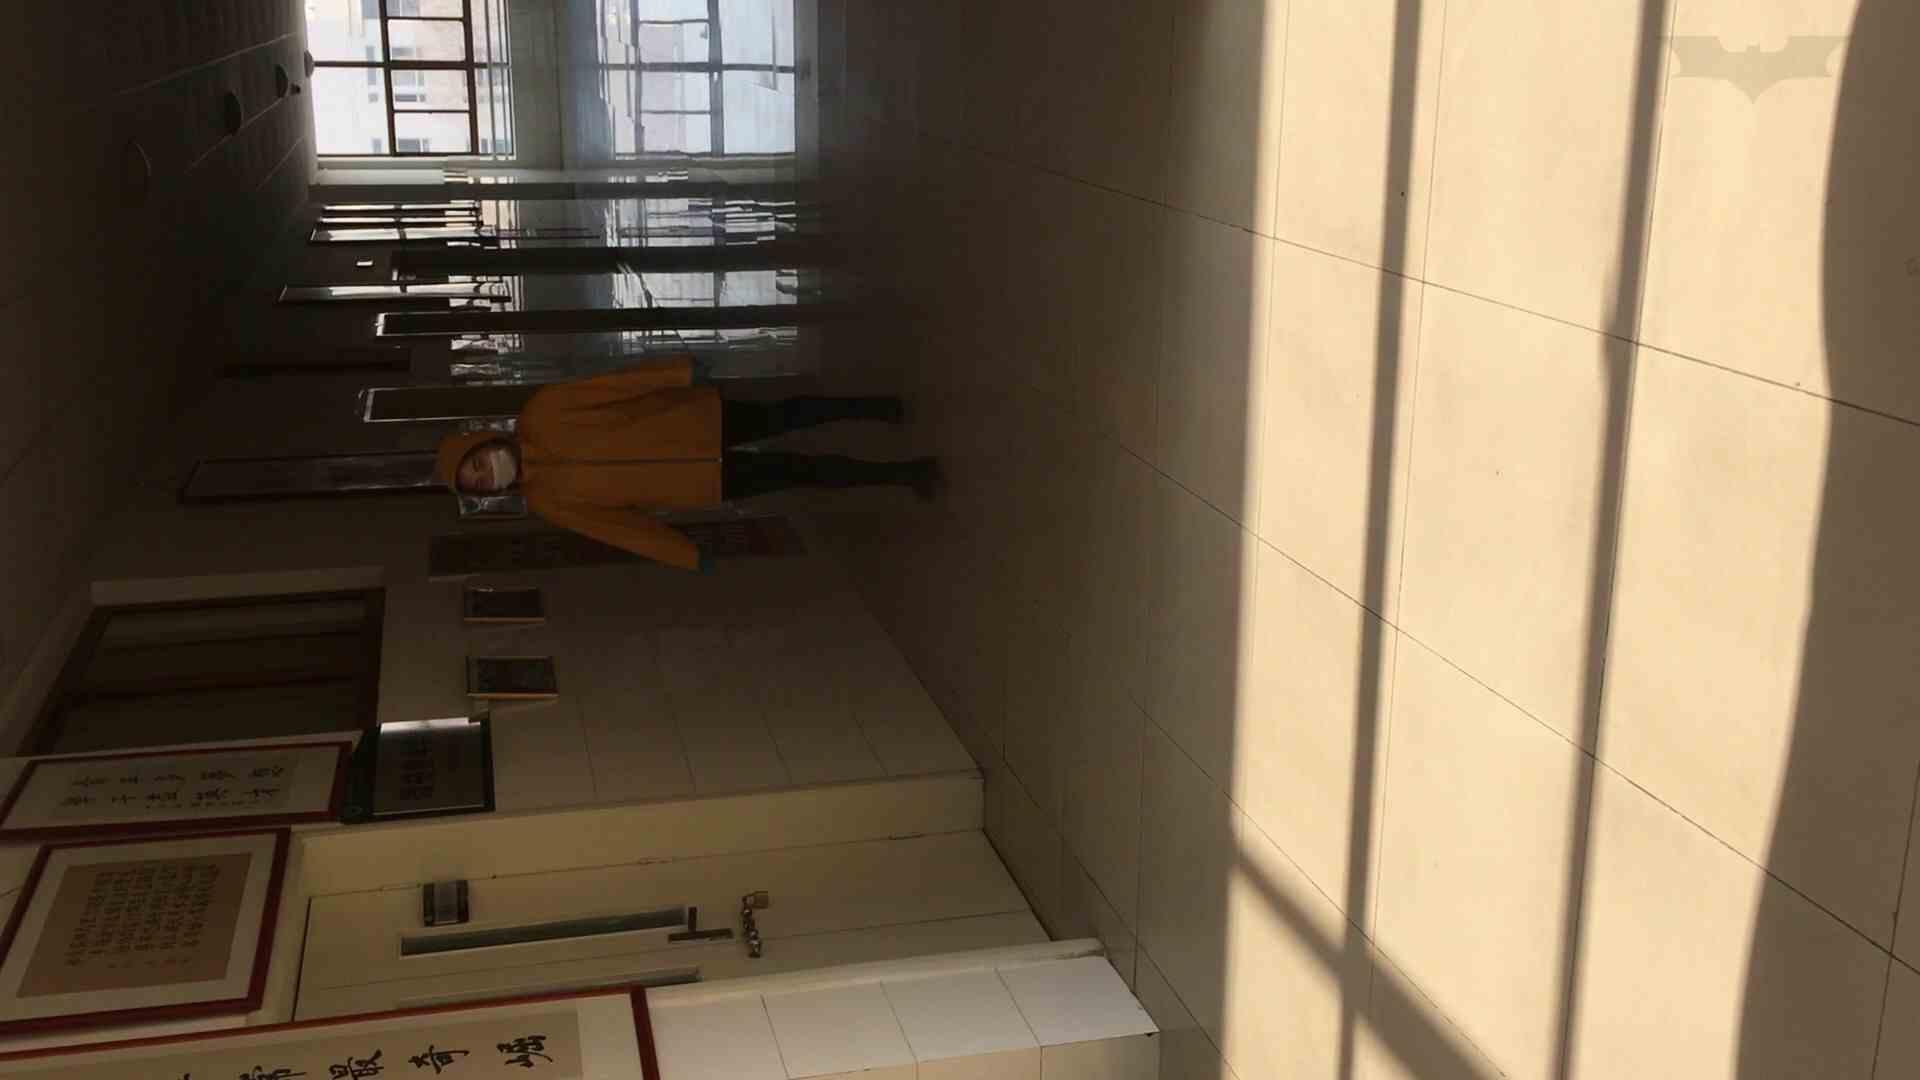 芸術大学ガチ潜入盗撮 JD盗撮 美女の洗面所の秘密 Vol.91 トイレ  84pic 18